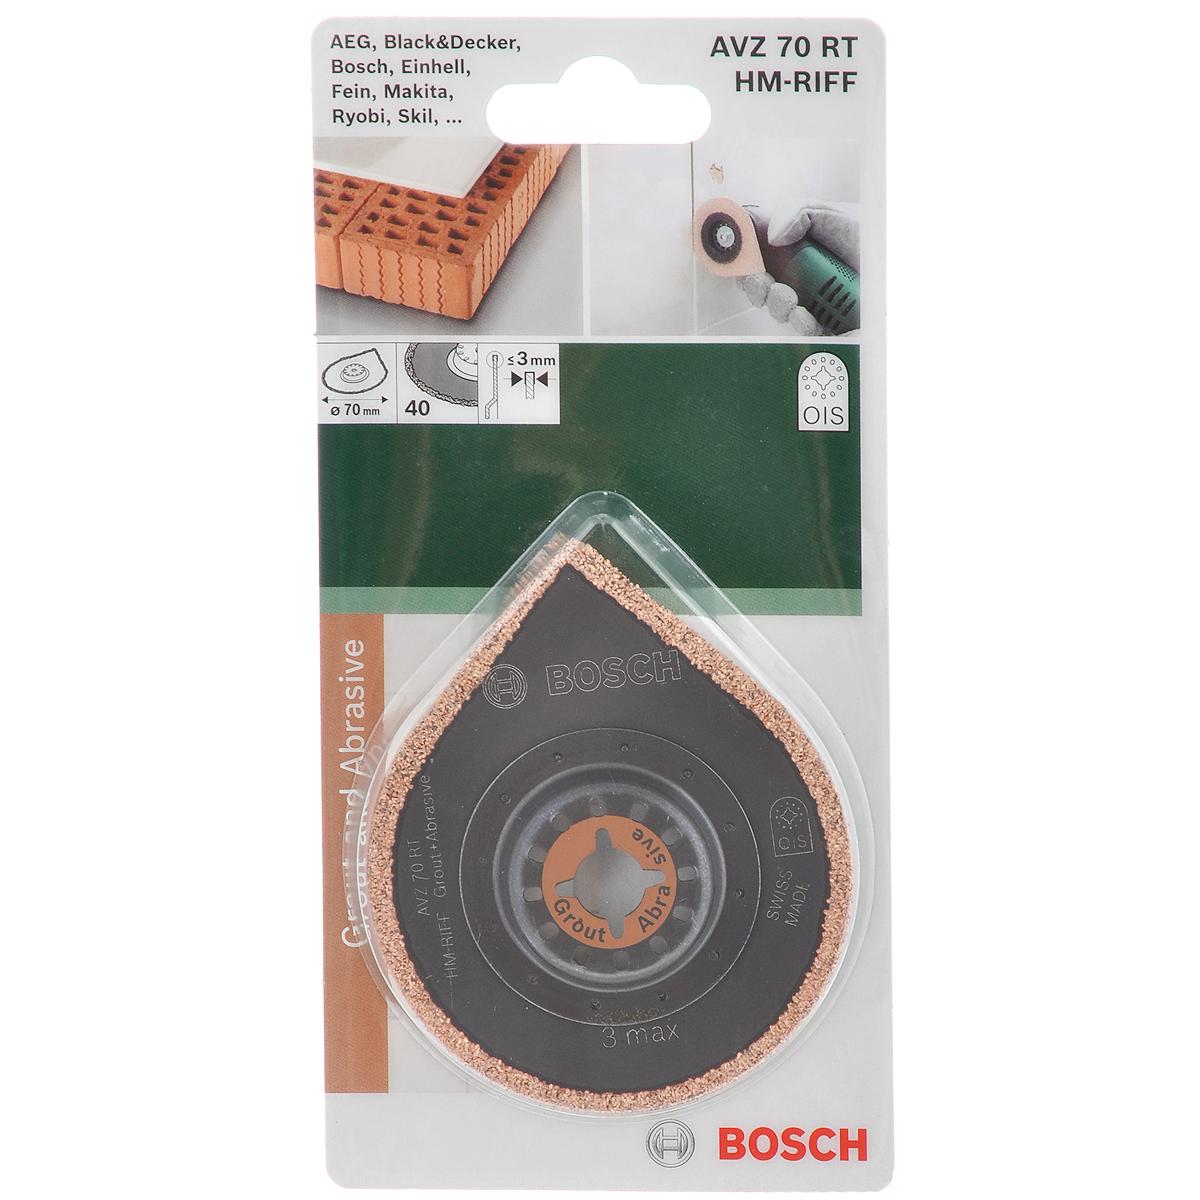 Универсальная насадка Bosch HM-Riff AVZ 70 RT, диаметр 70 мм2609256C51Инструмент 3Max HM-RIFF Bosch HM-Riff предназначен для удаления строительного раствора с помощью универсальных дельташлифмашин. Подходит для моделей Bosch GOP 10.8 V-LI, GOP 250 CE Professional, PMF 10.8 LI, PMF 180 E, Fein Multimaster FMM 250 (d 10 мм). Совместно с универсальным переходником (приобретается отдельно) возможно применение с другими стандартными Multi - Cutter. Инструмент может быть использован для счищения раствора или клея между керамической плиткой при ее демонтаже. Благодаря твердосплавному острию на конце насадки возможно удаление строительных растворов даже в труднодоступных углах. За счет 12-точечной системы зажима OIS достигается оптимальная передача усилия. Инструмент имеет достаточно длительный период эксплуатации. Толщина: 3 мм.